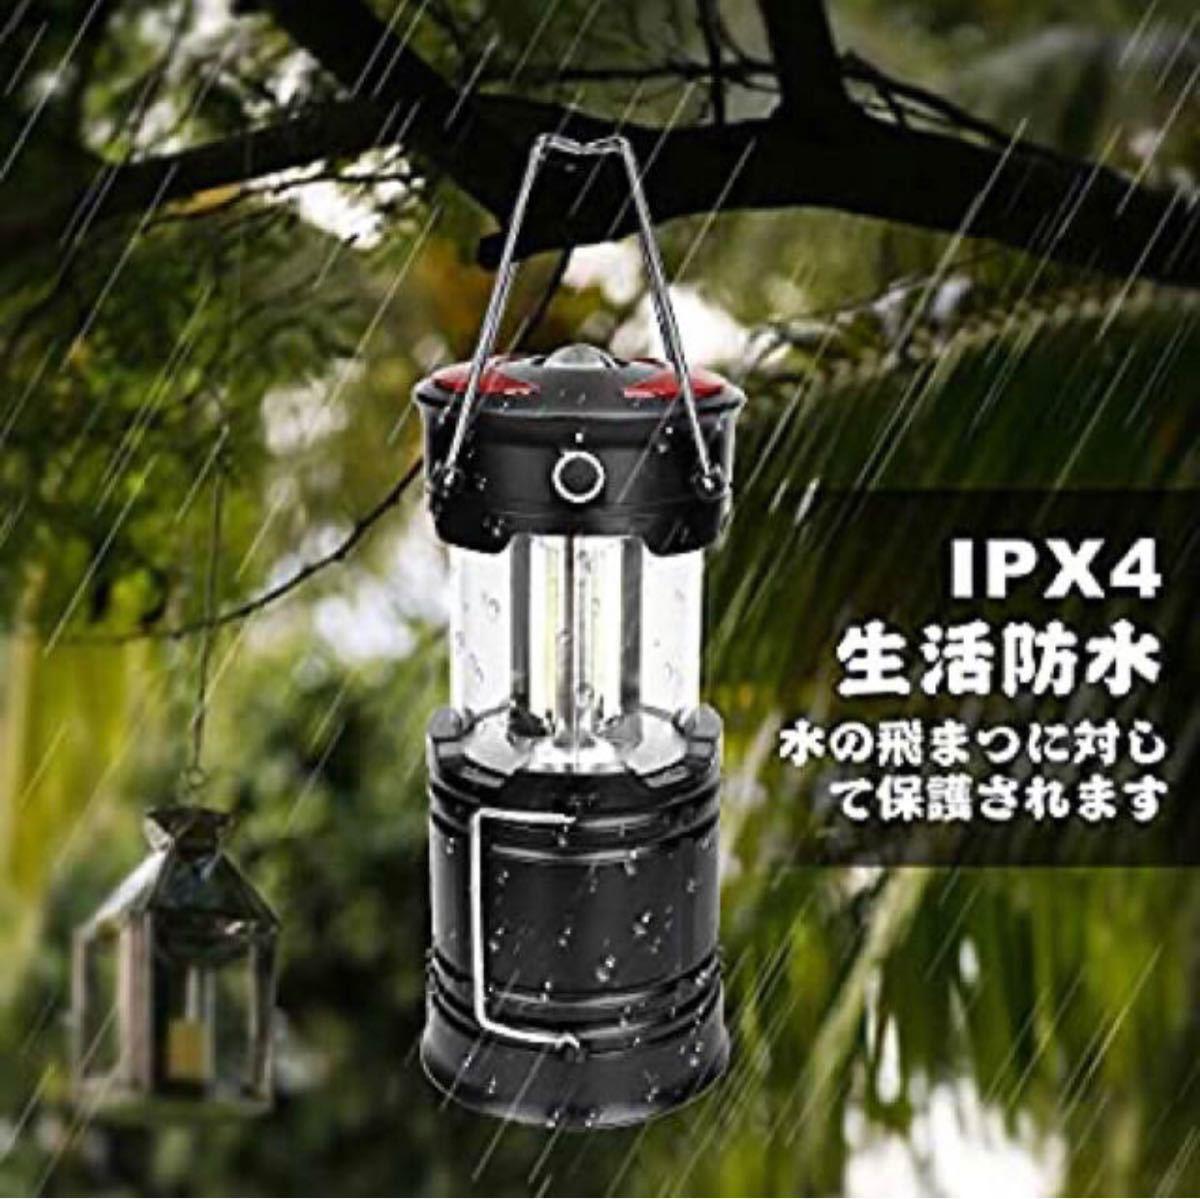 LEDランタン 高輝度 キャンプランタン2in1給電方法 usb充電式&電池式